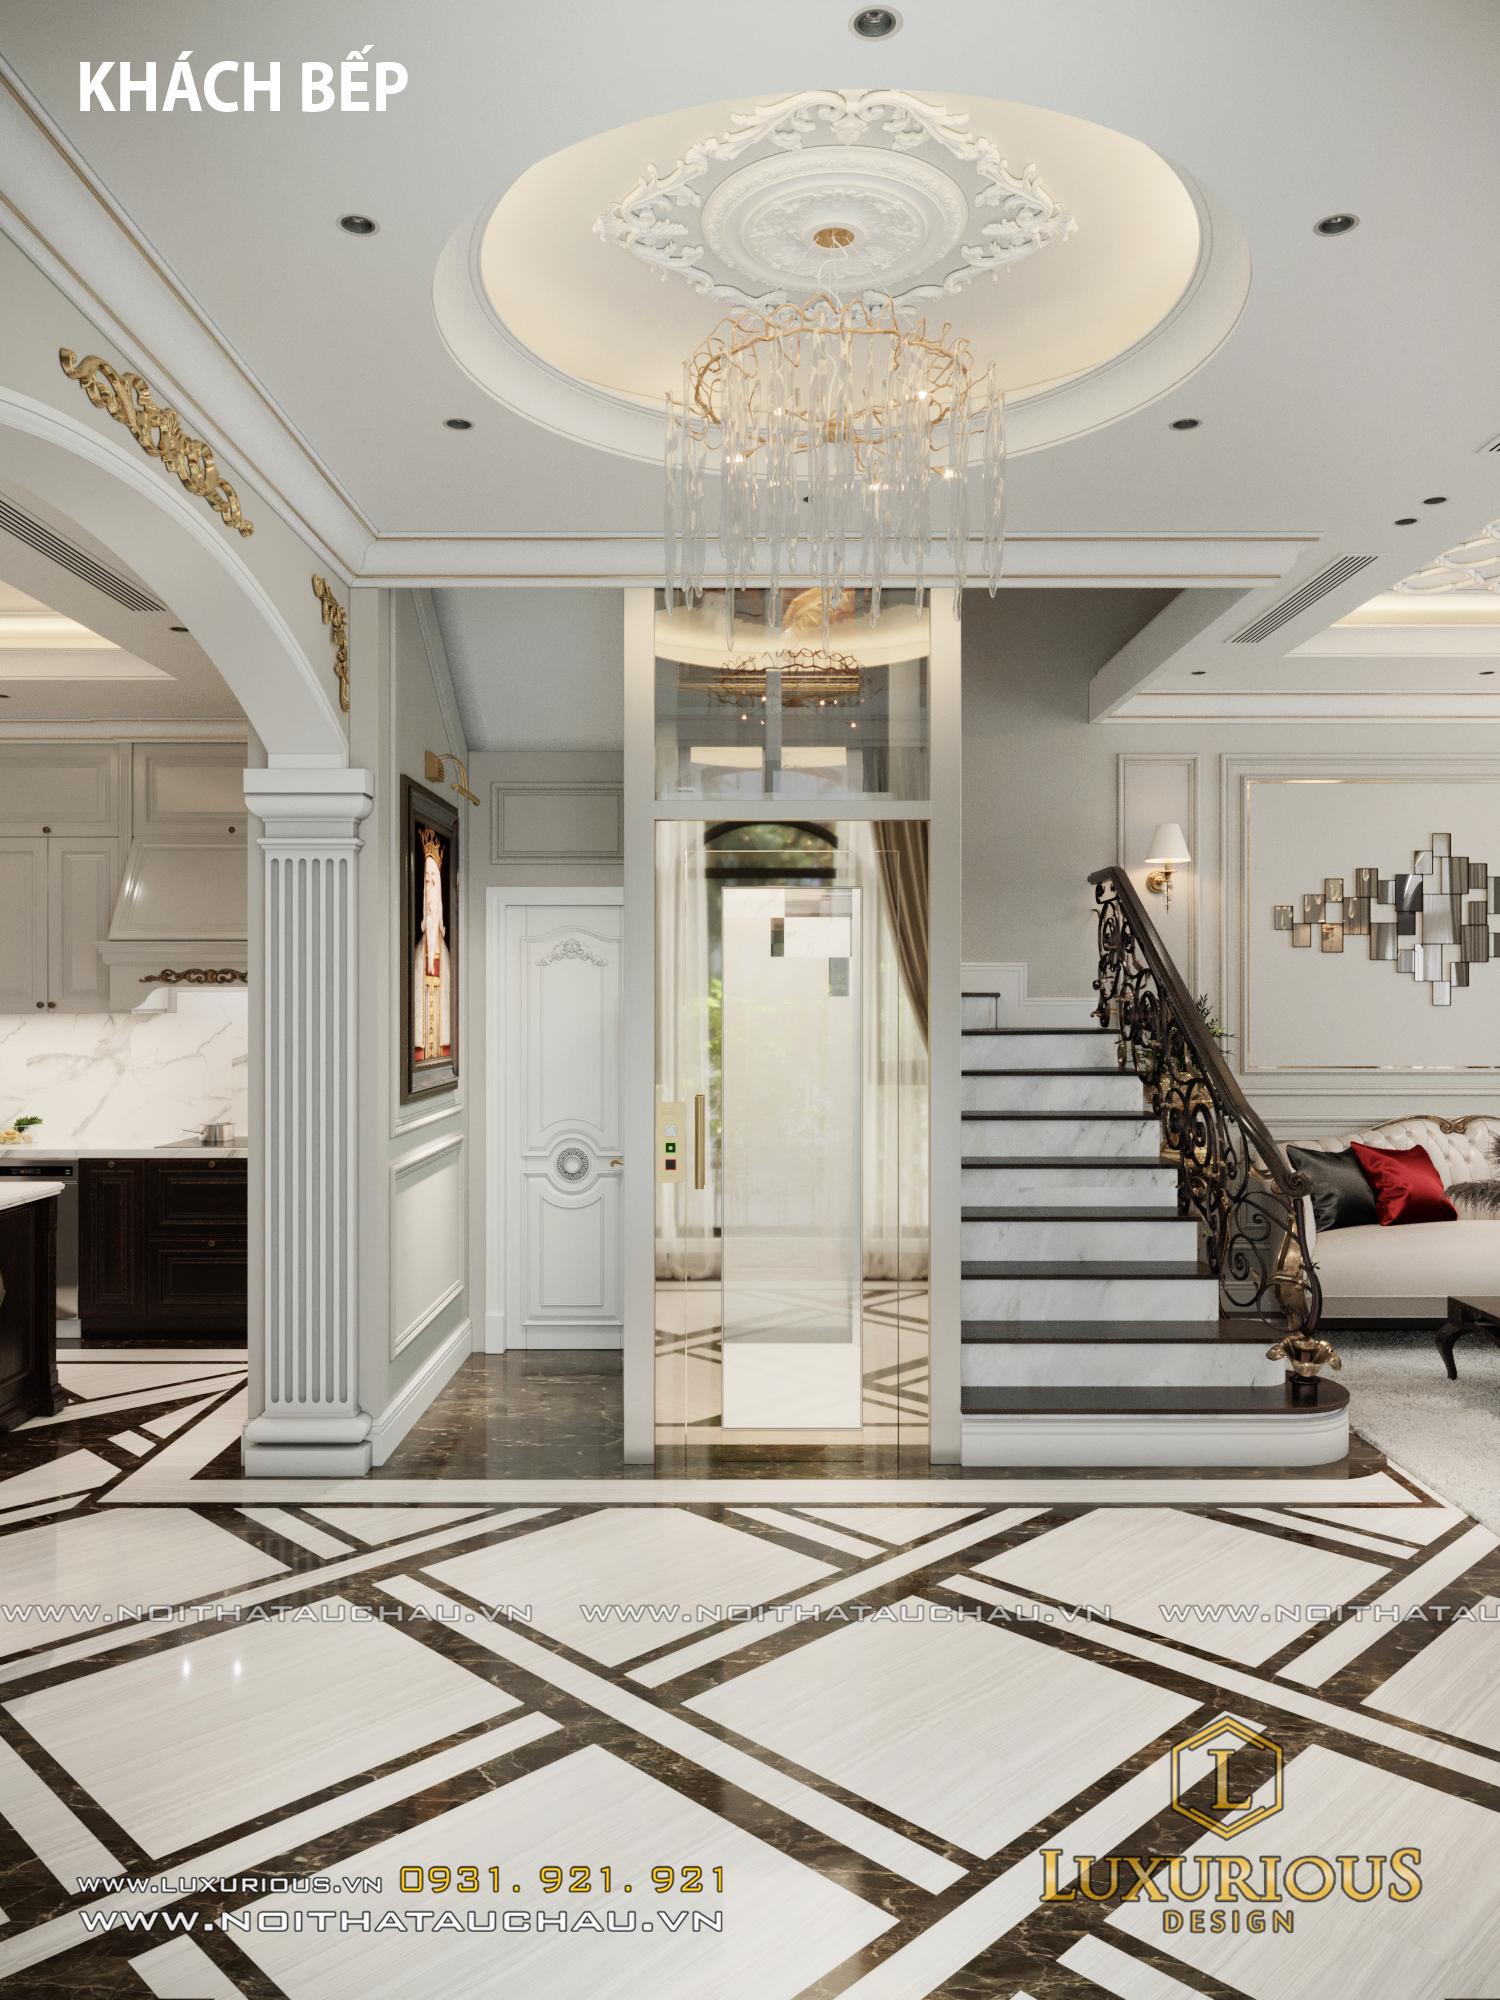 Sảnh phòng khách tầng 1 biệt thự tân cổ điển